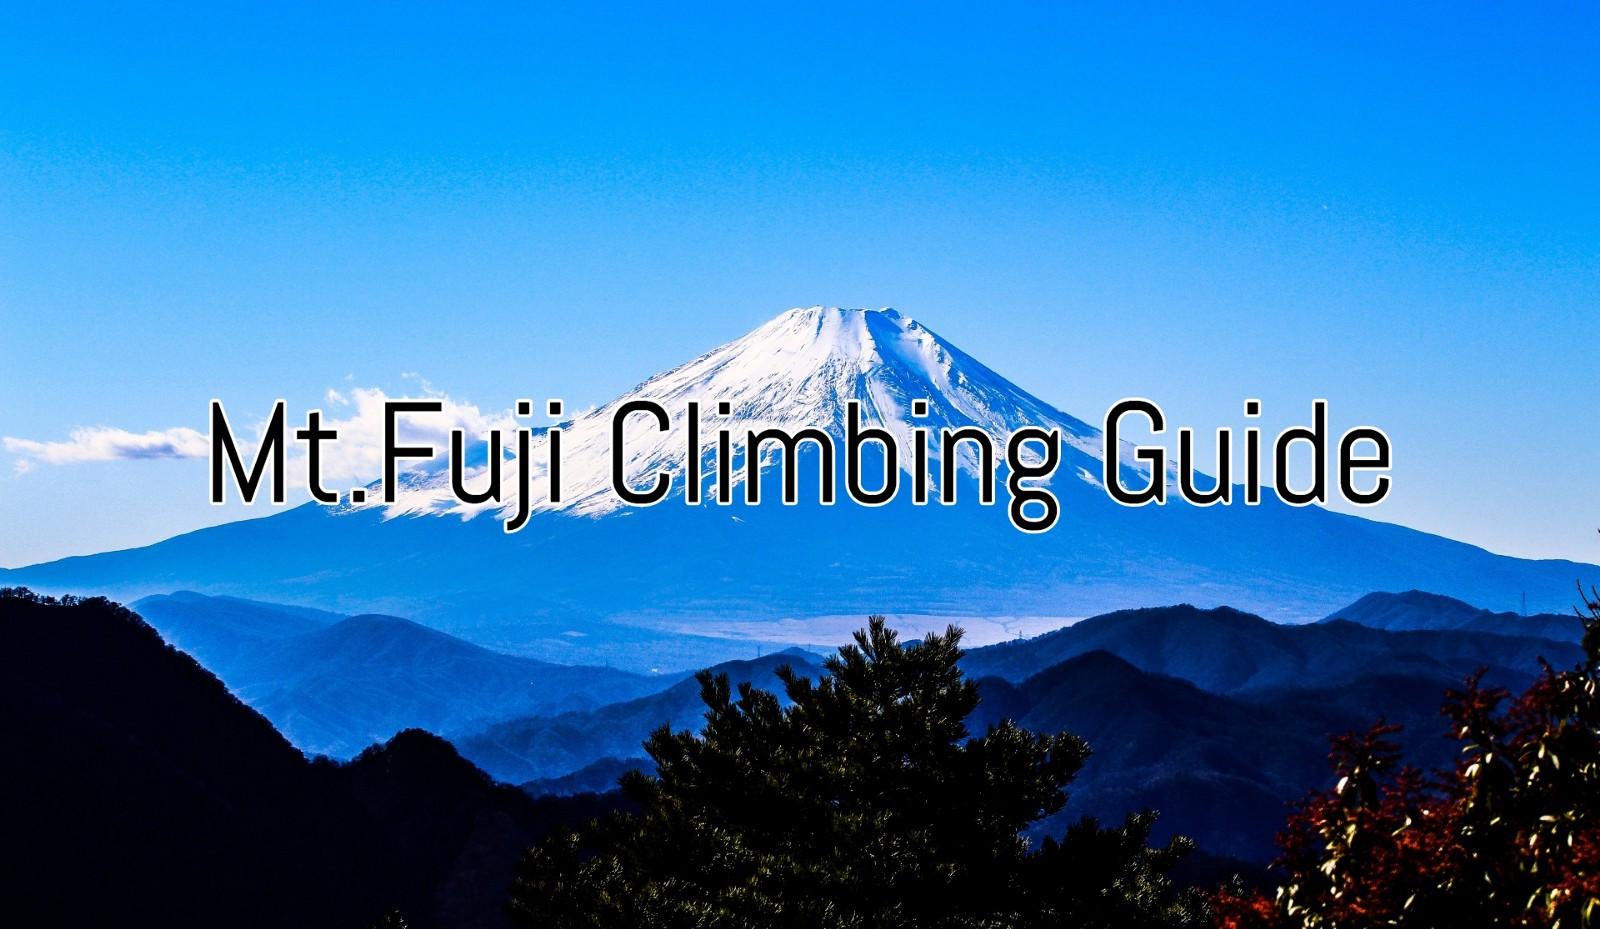 Mt.Fuji Climbing Guide 2020